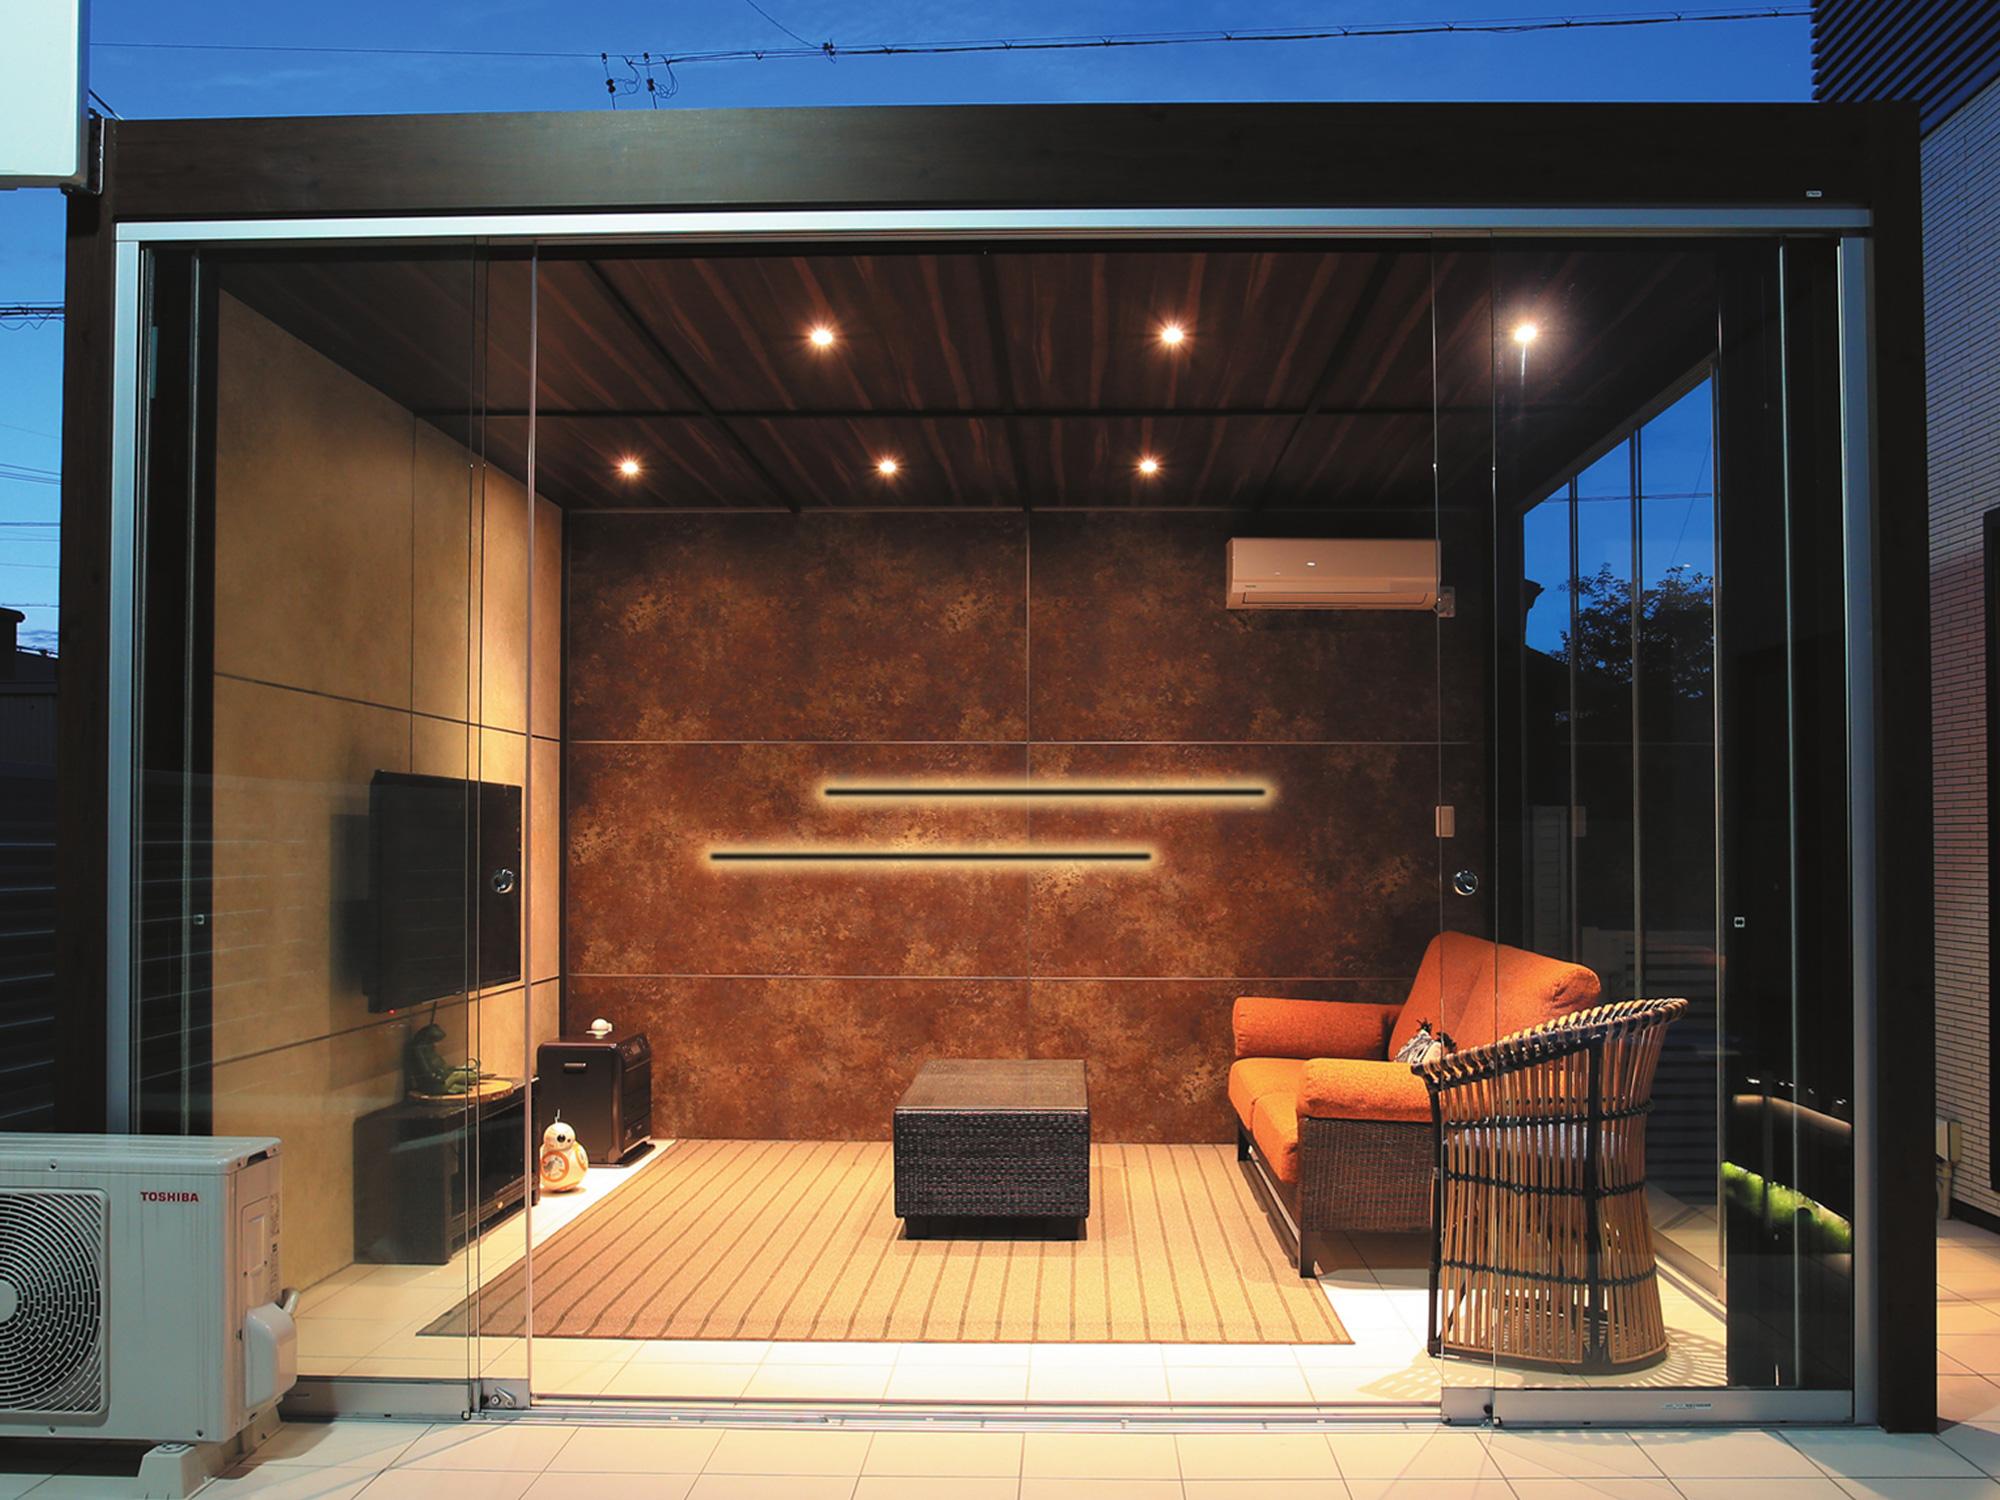 ラインウォールライトを壁に設置して壁面から間接的に空間を照らしている写真